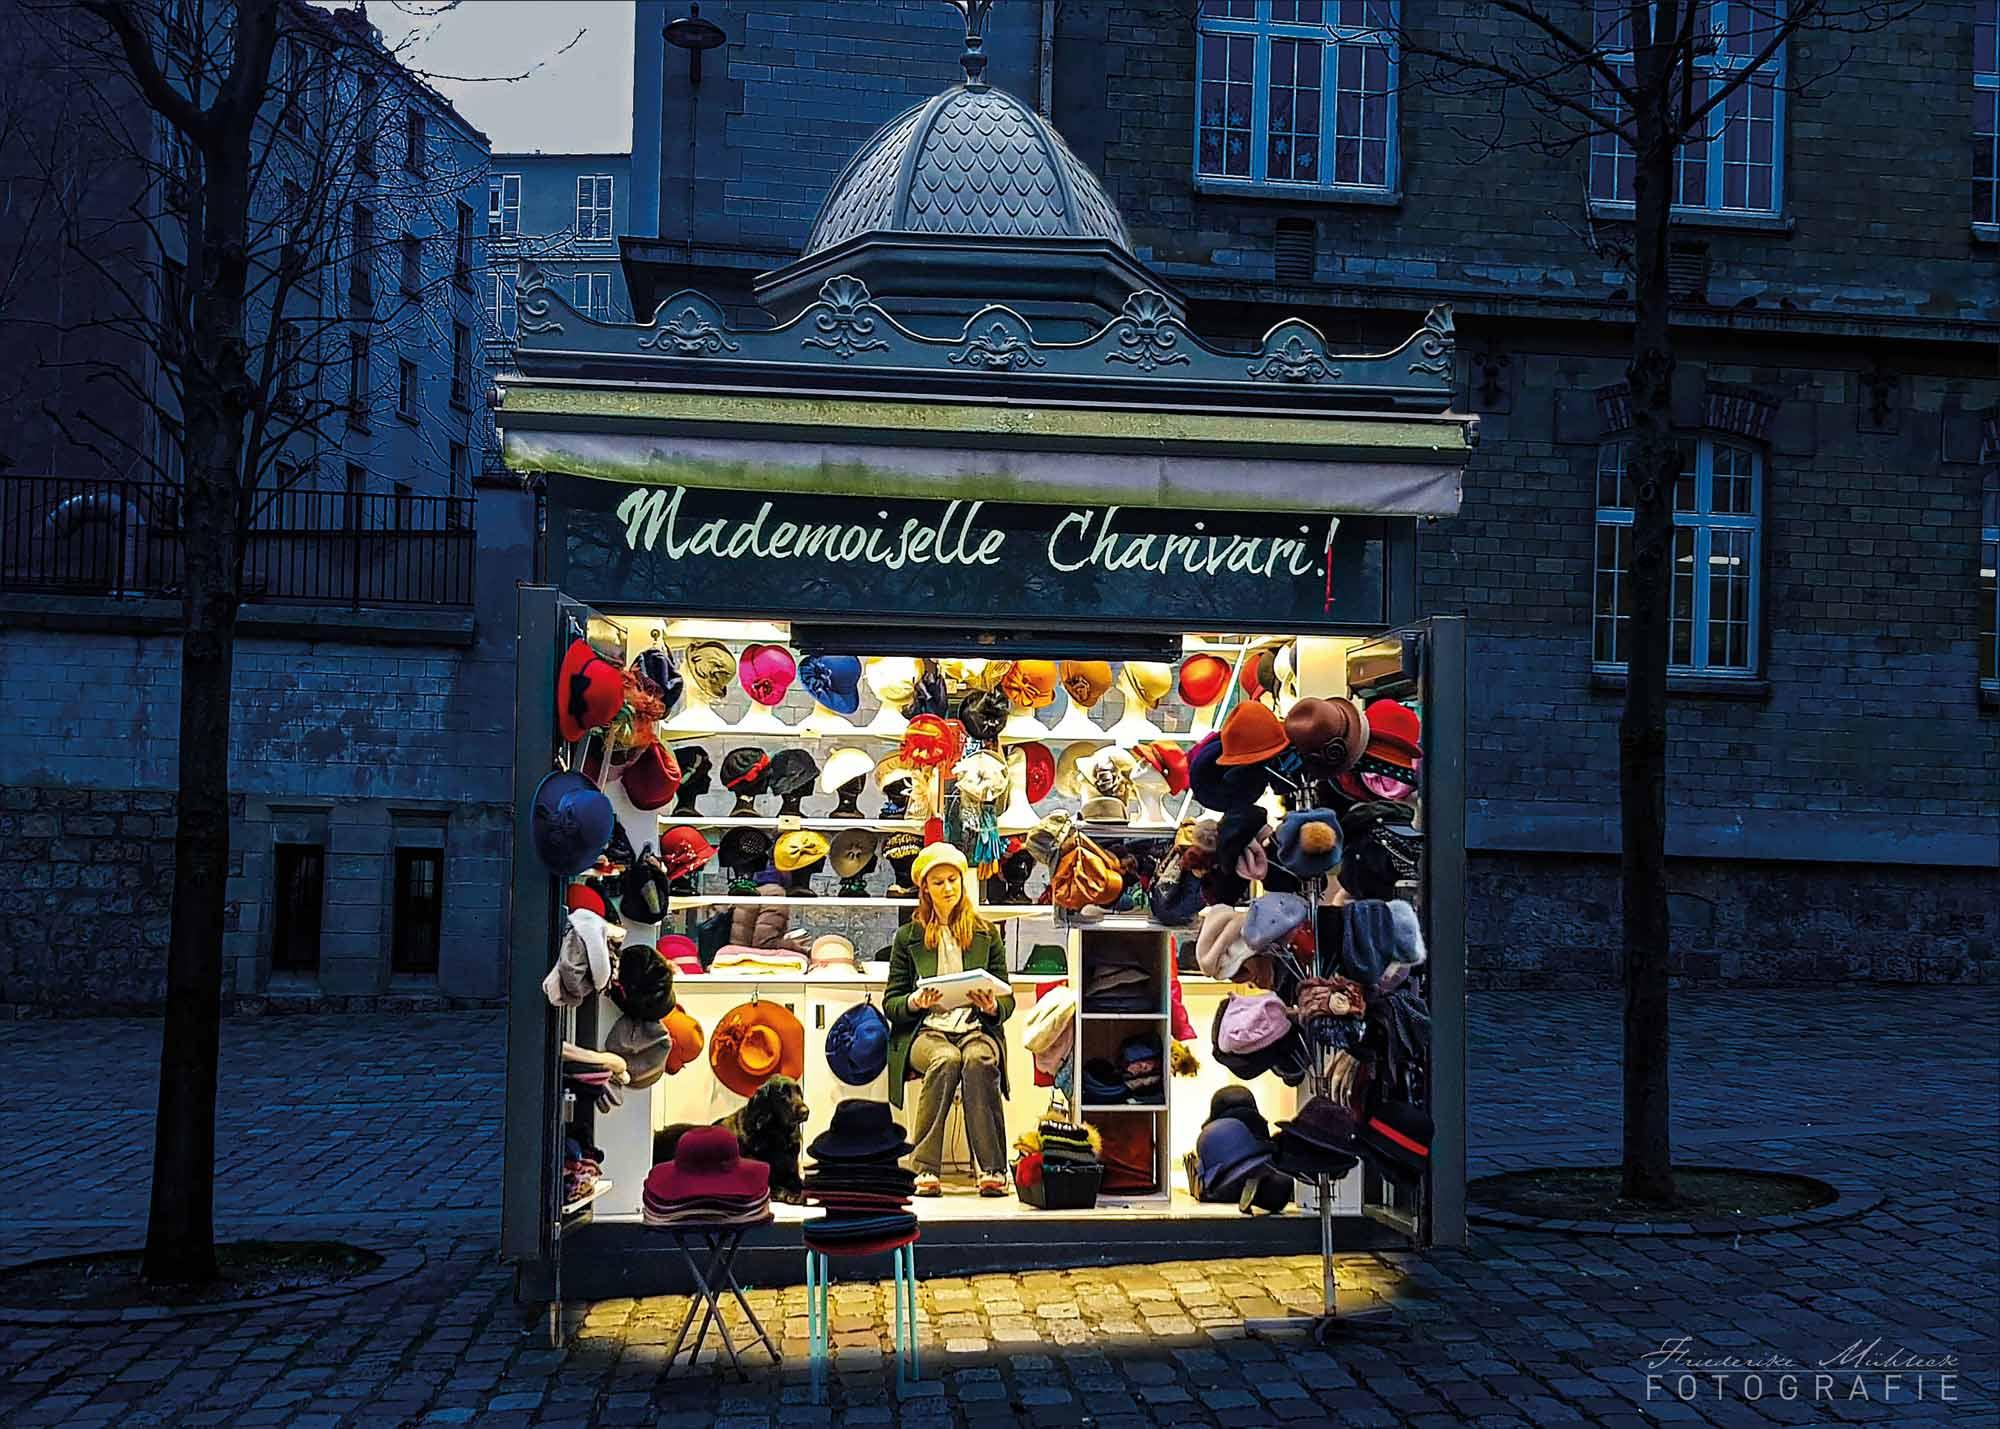 Mademoiselle Charivari DKK © Friederike Muehleck